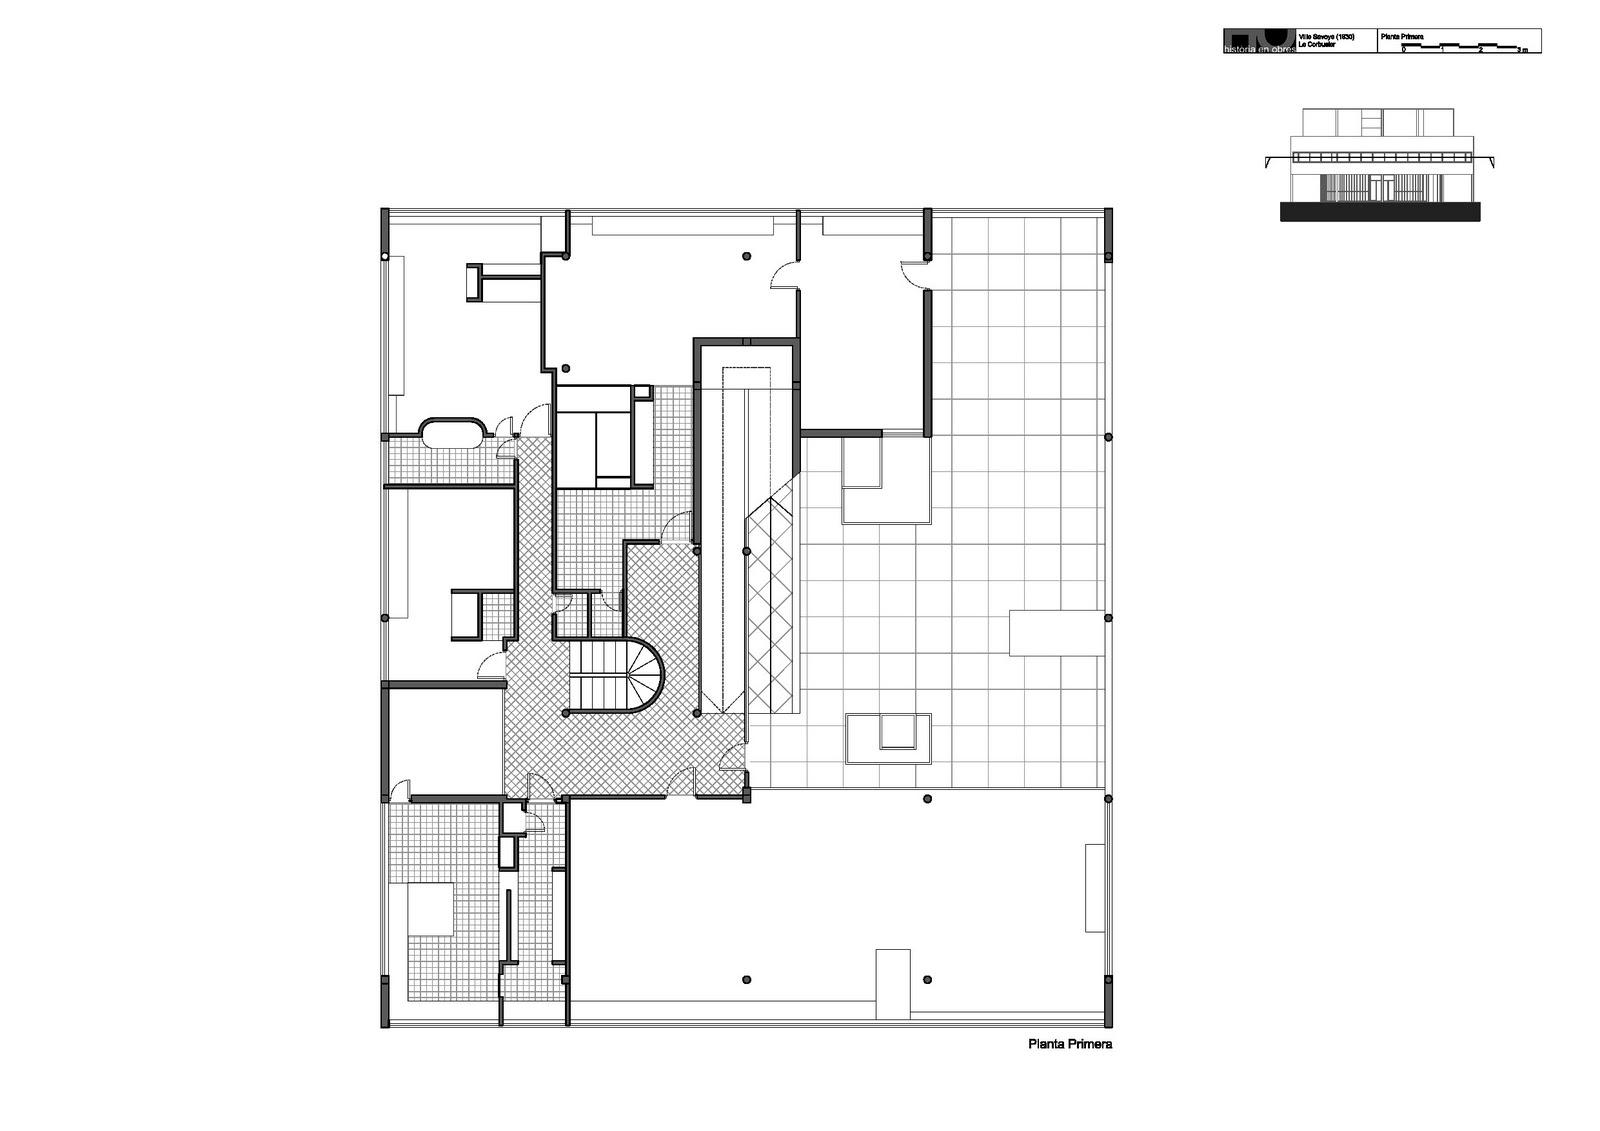 Radilav investigaciones arquitect nicas s a referencias - Casas de le corbusier ...